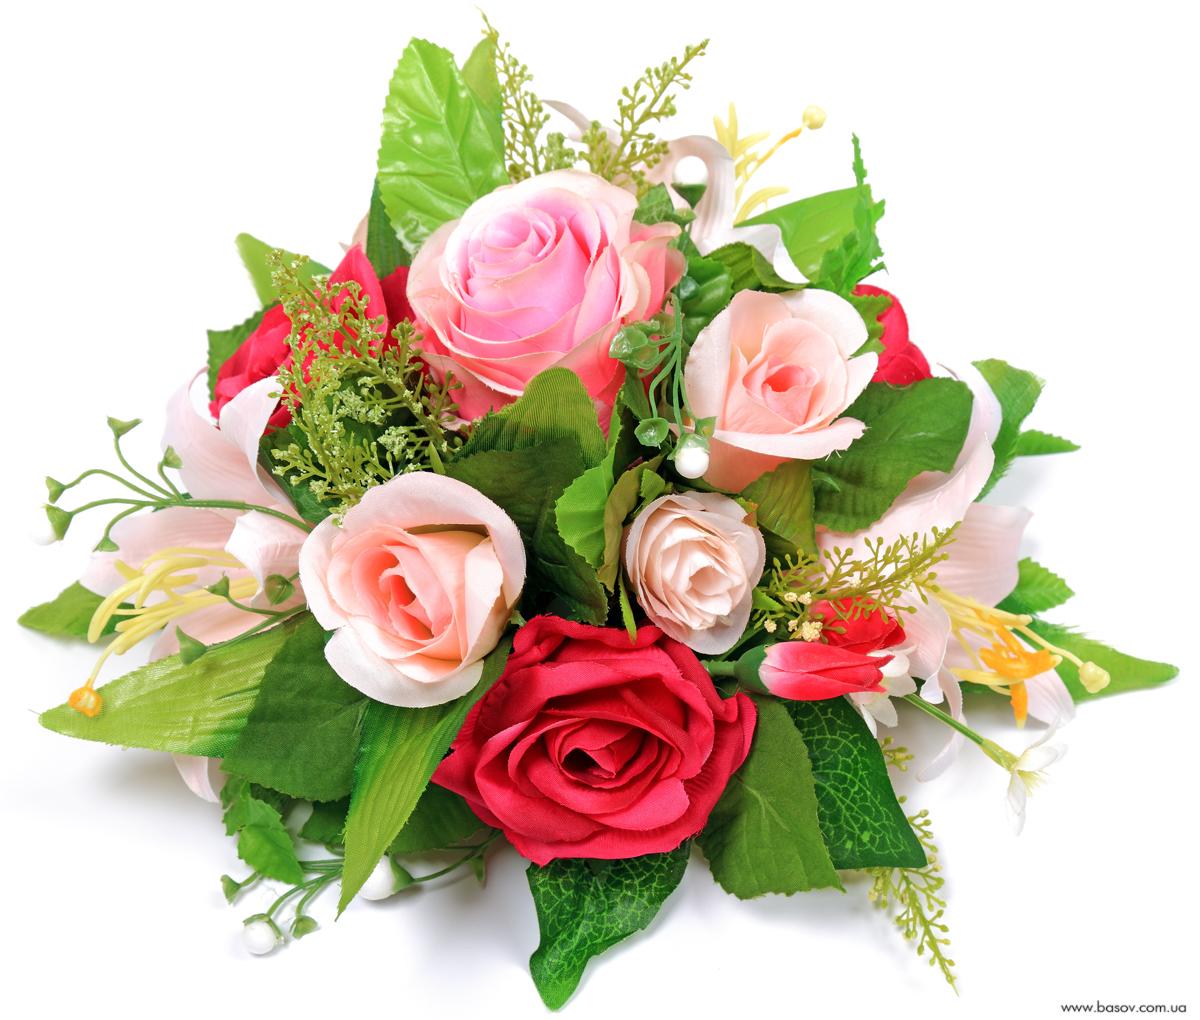 Обои цветы на рабочий стол